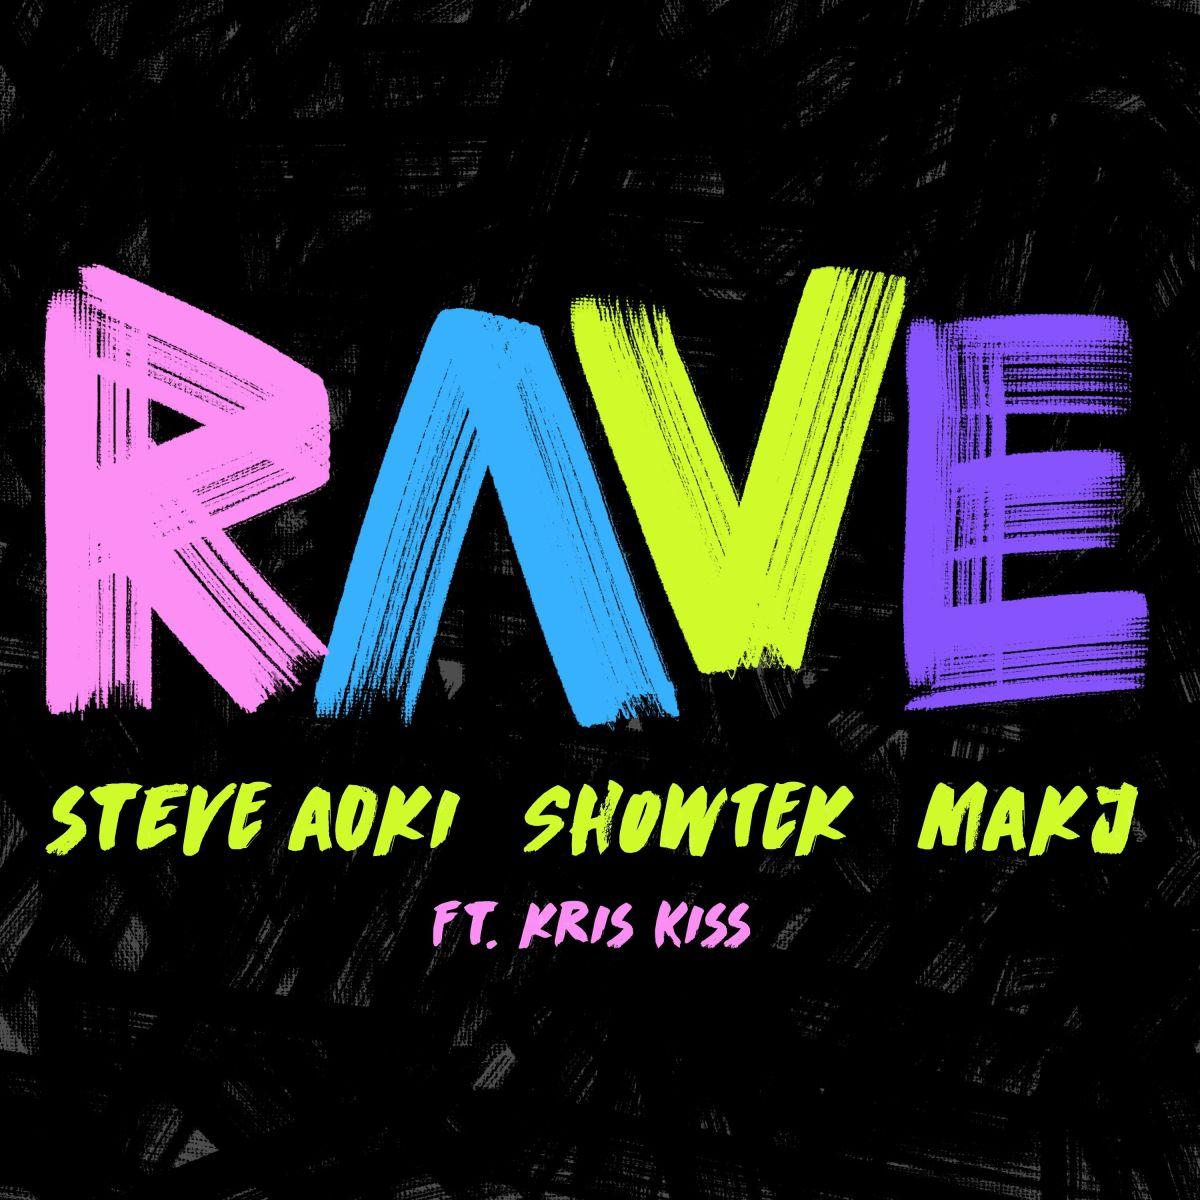 Rave Steve Aoki Showtek Cover Art